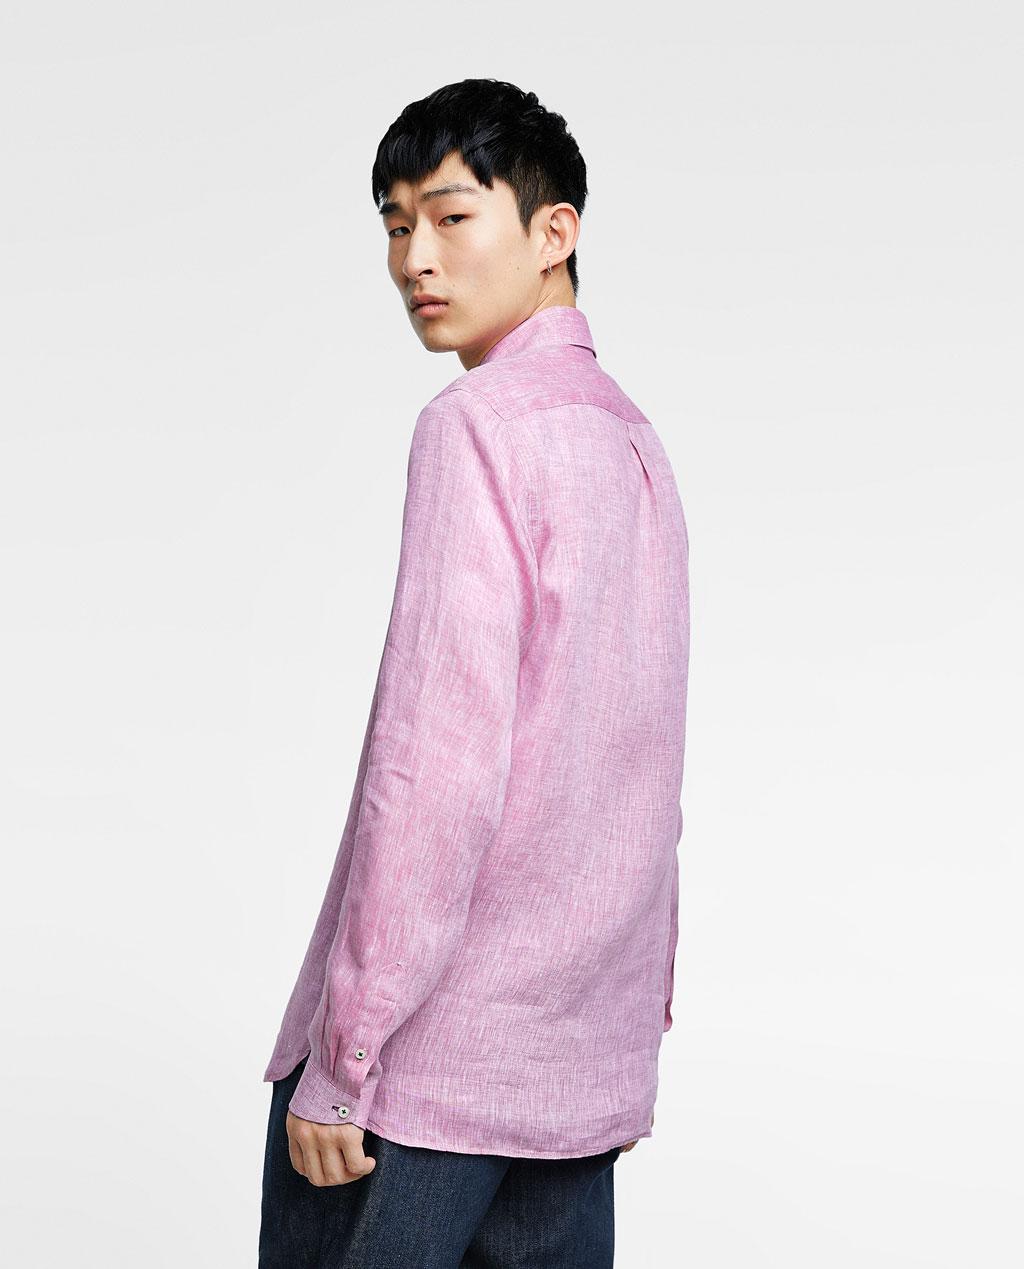 Thời trang nam Zara  23945 - ảnh 5